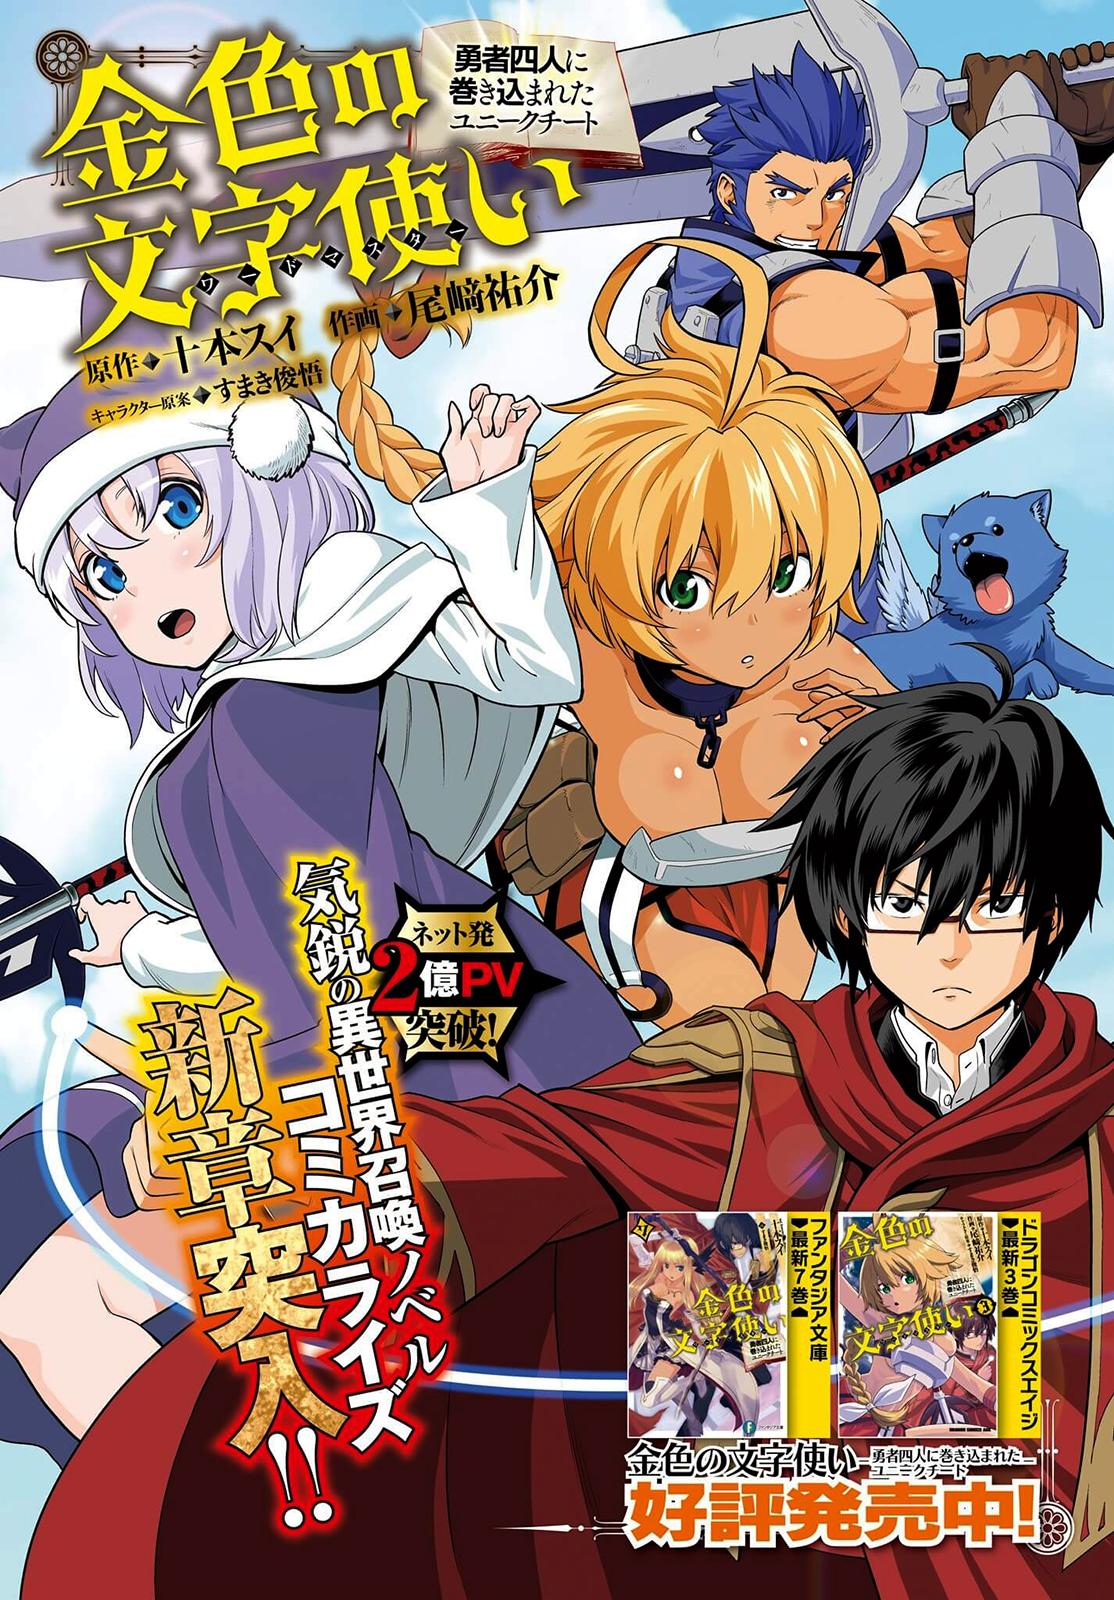 อ่านการ์ตูน Konjiki no Word Master 16 ภาพที่ 1